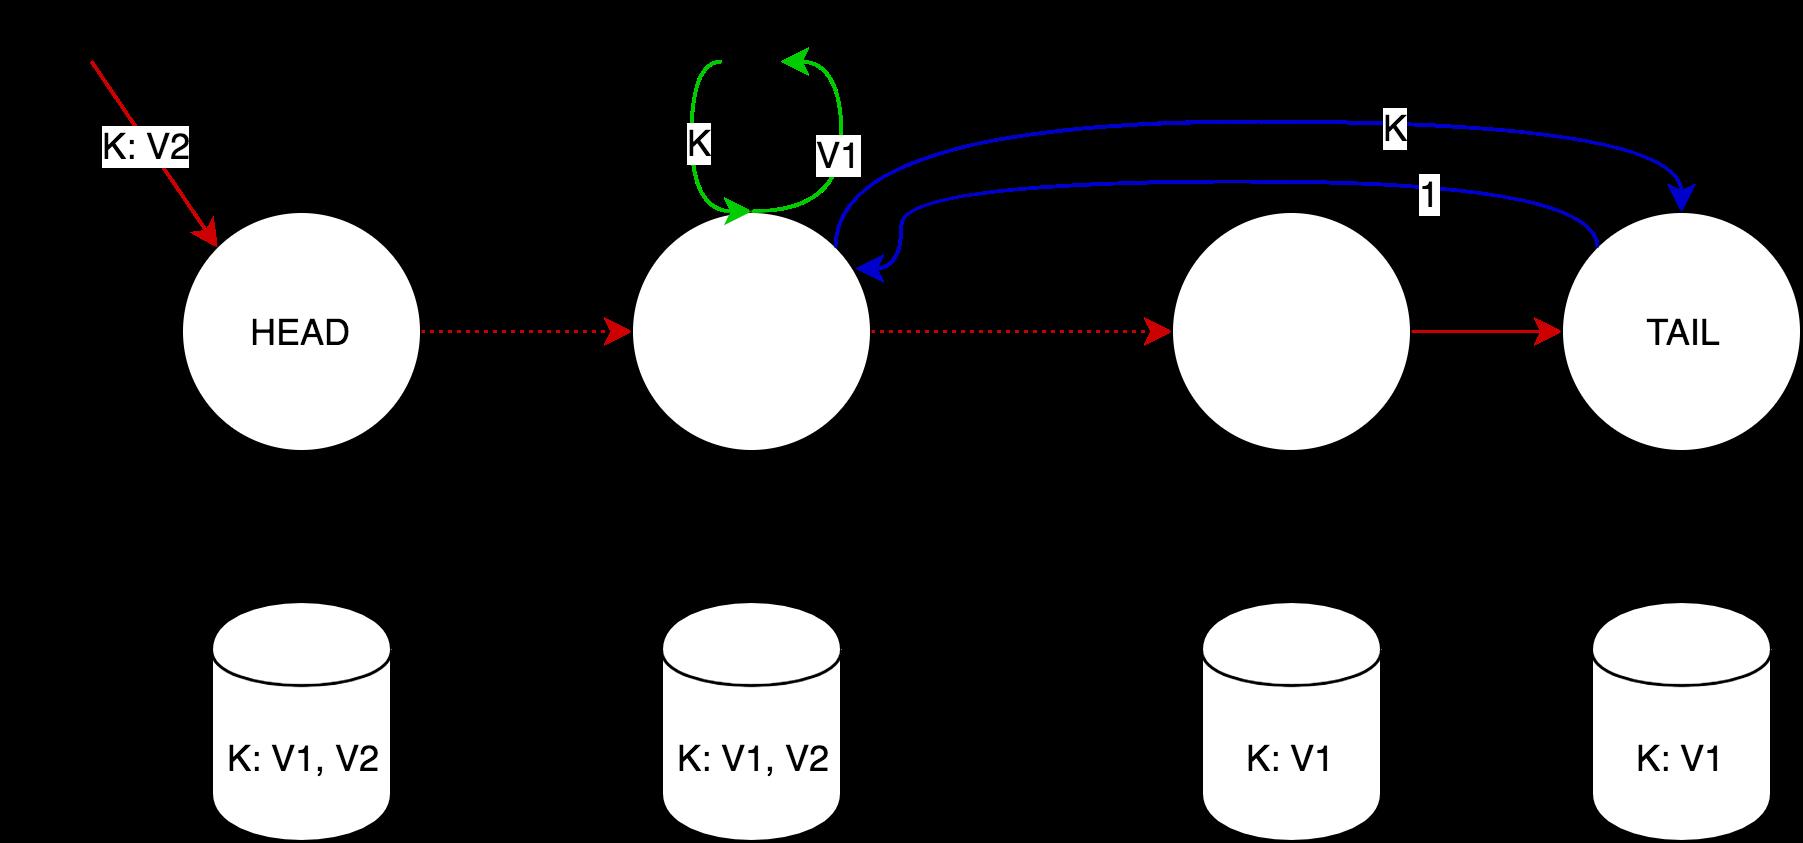 Chain replication: построение эффективного KV-хранилища (часть 1-2) - 26